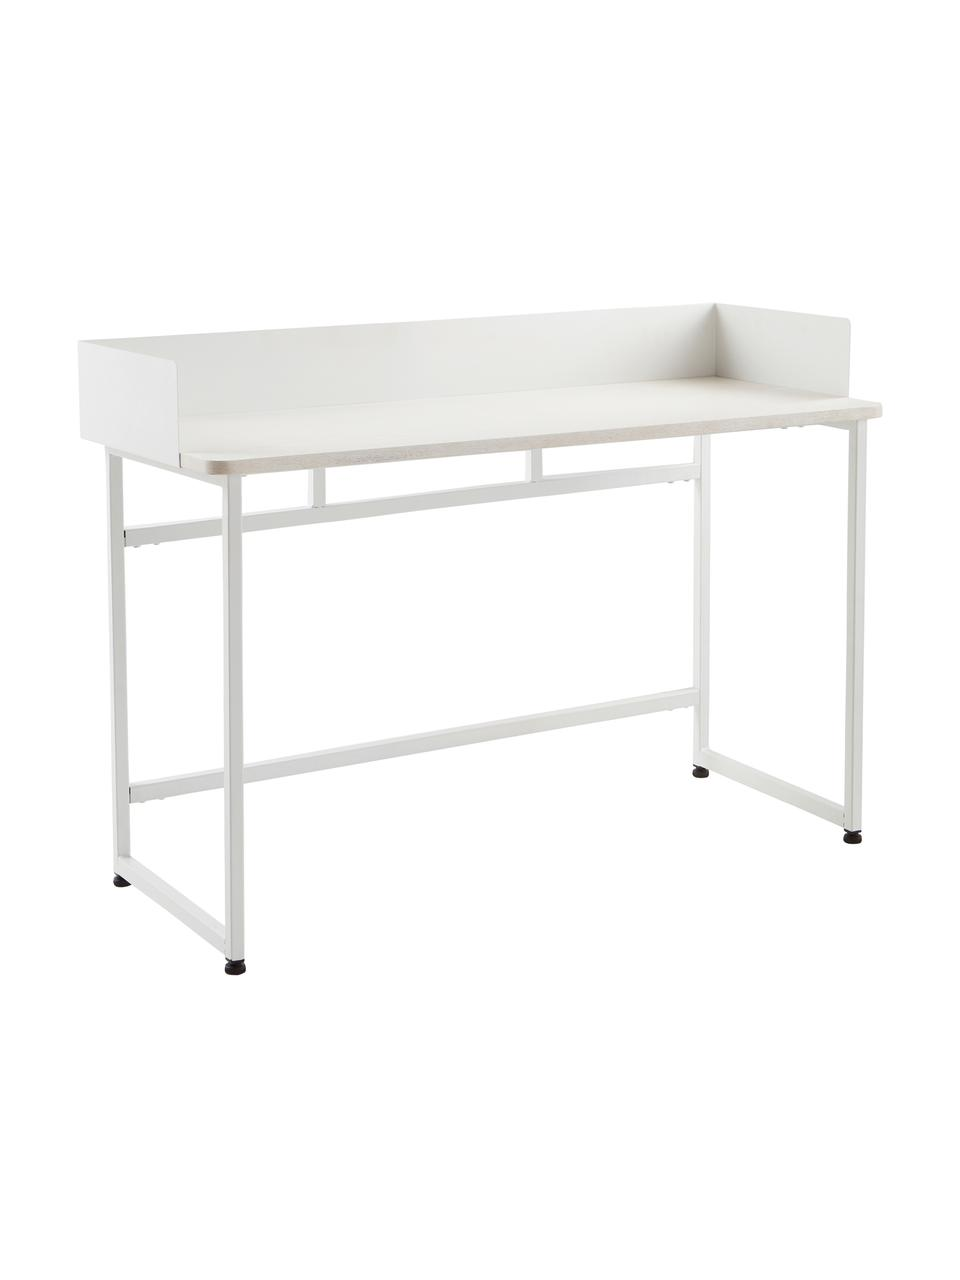 Schmaler Schreibtisch Liberty in Weiß, Tischplatte: Mitteldichte Holzfaserpla, Gestell: Metall, beschichtet, Rand: Metall, beschichtet, Weiß, B 110 x T 45 cm